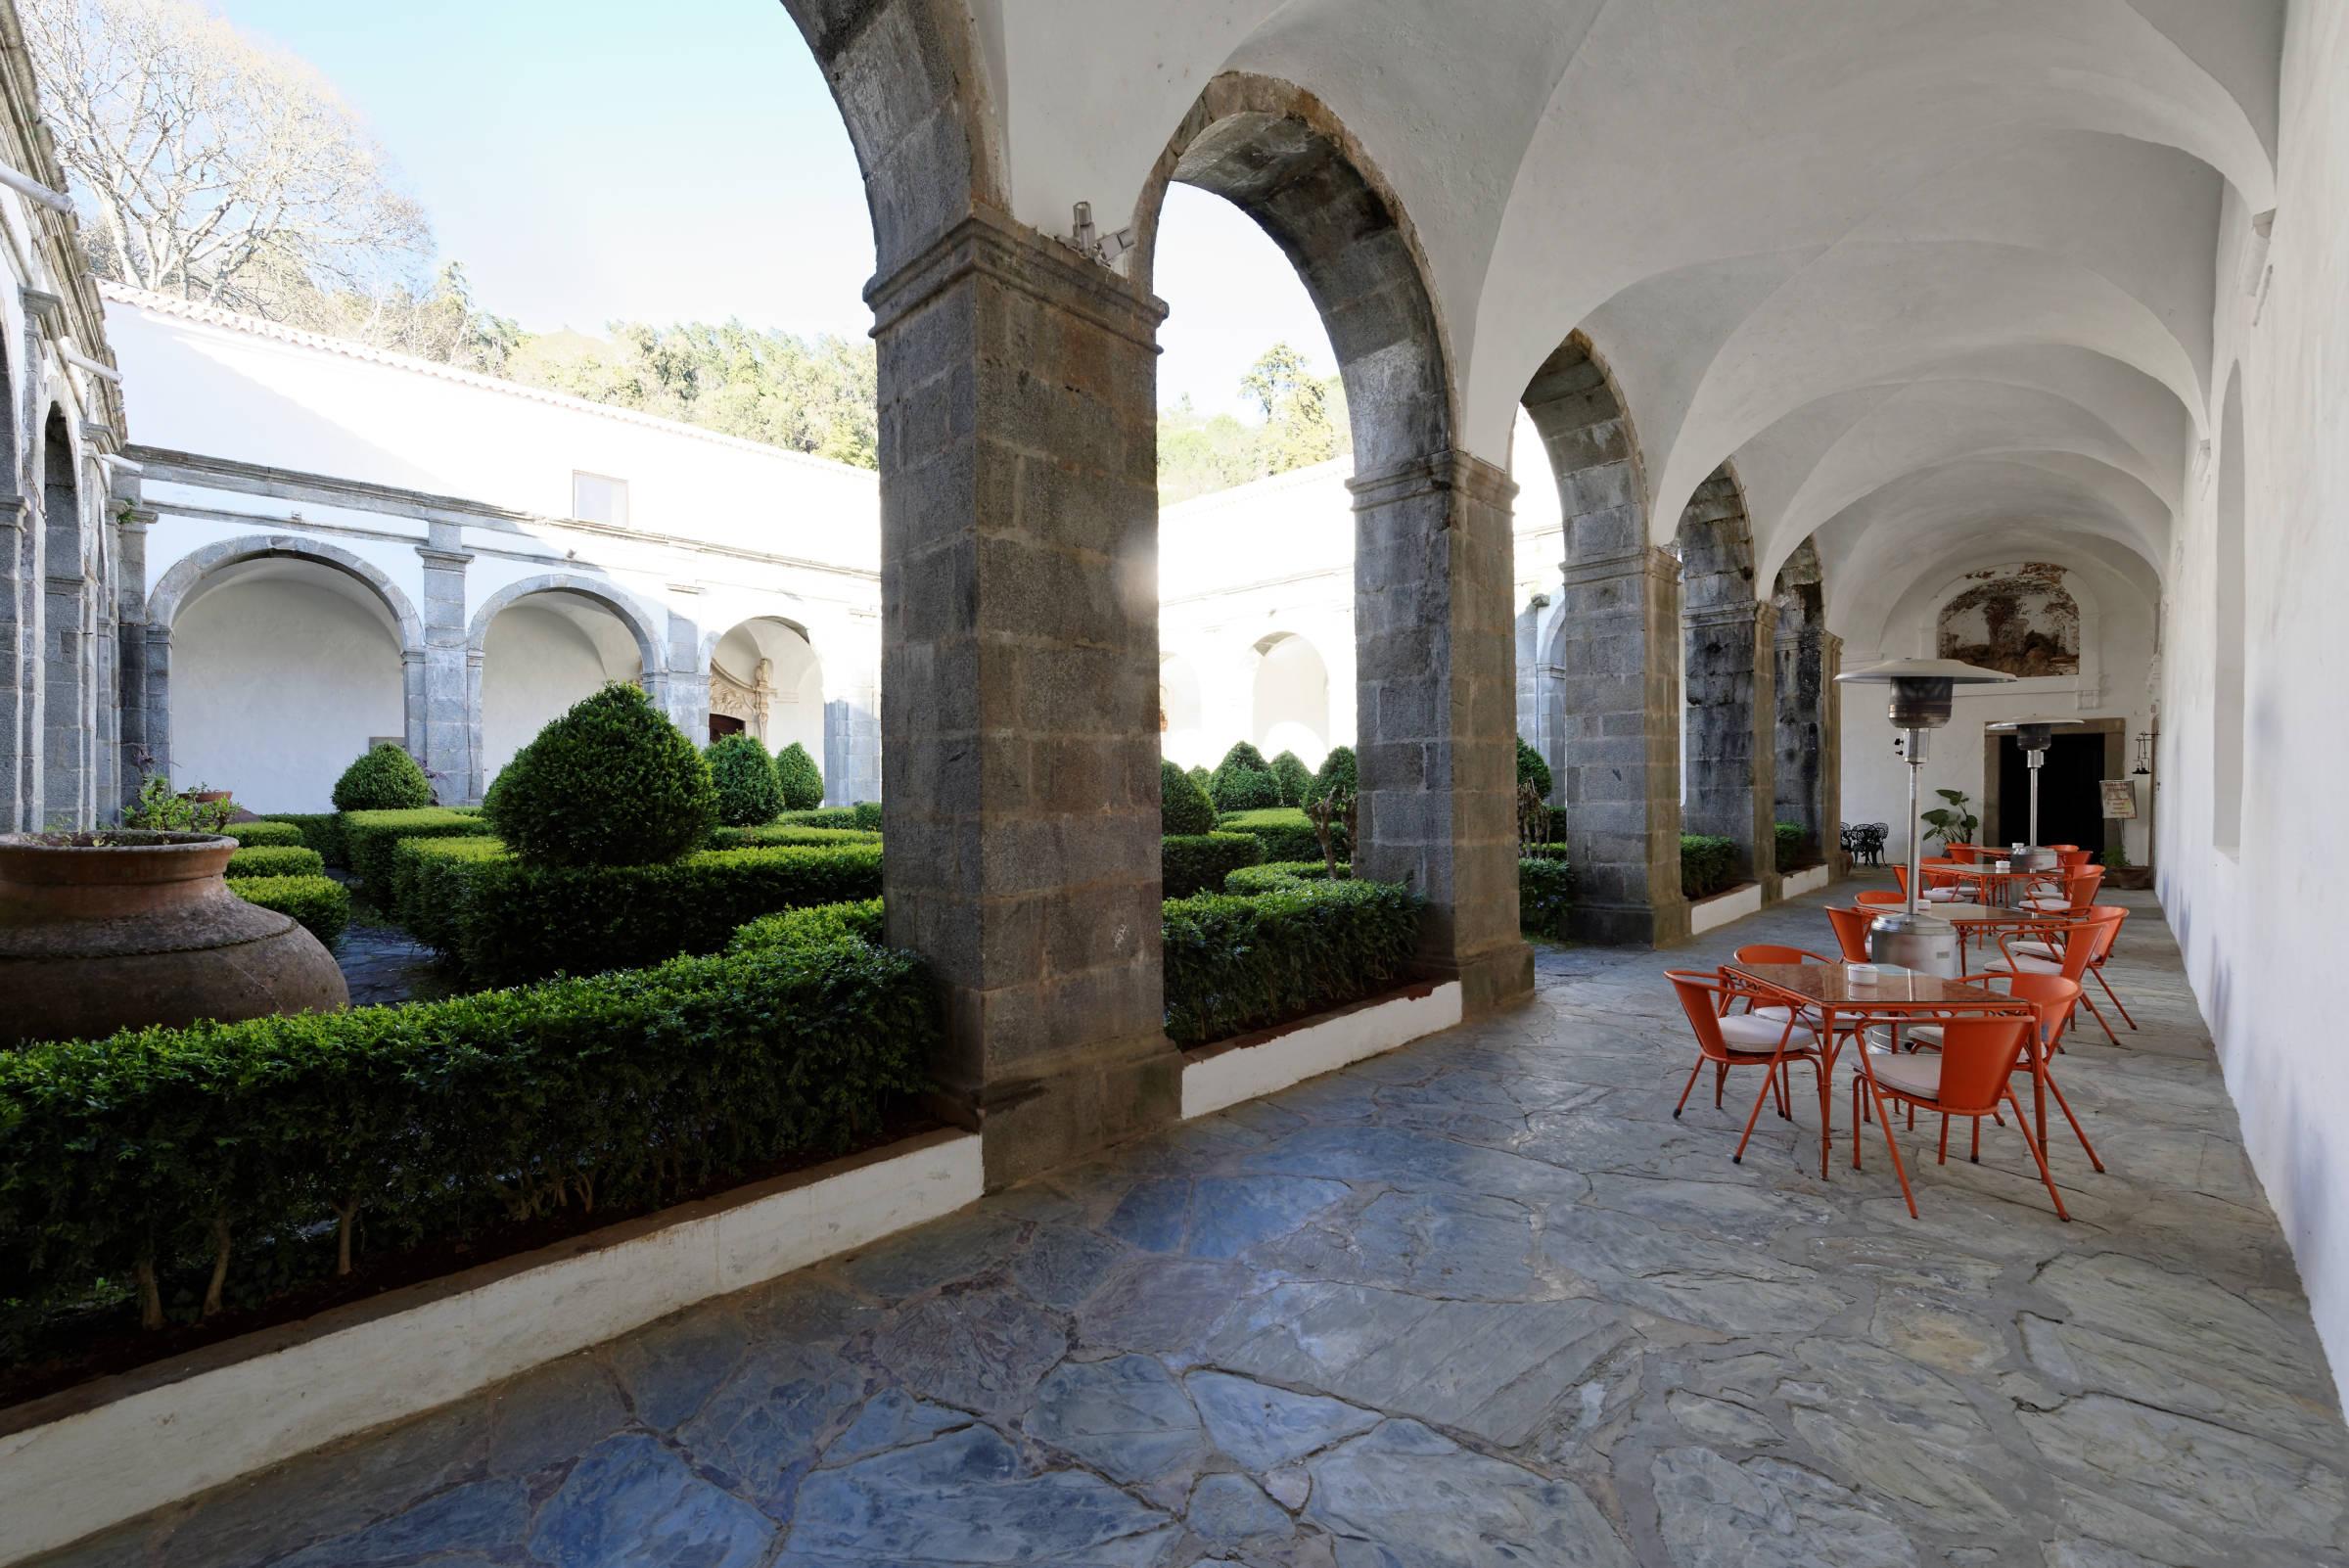 160407-Convento de sao paulo (Alentero Portugal) (109)